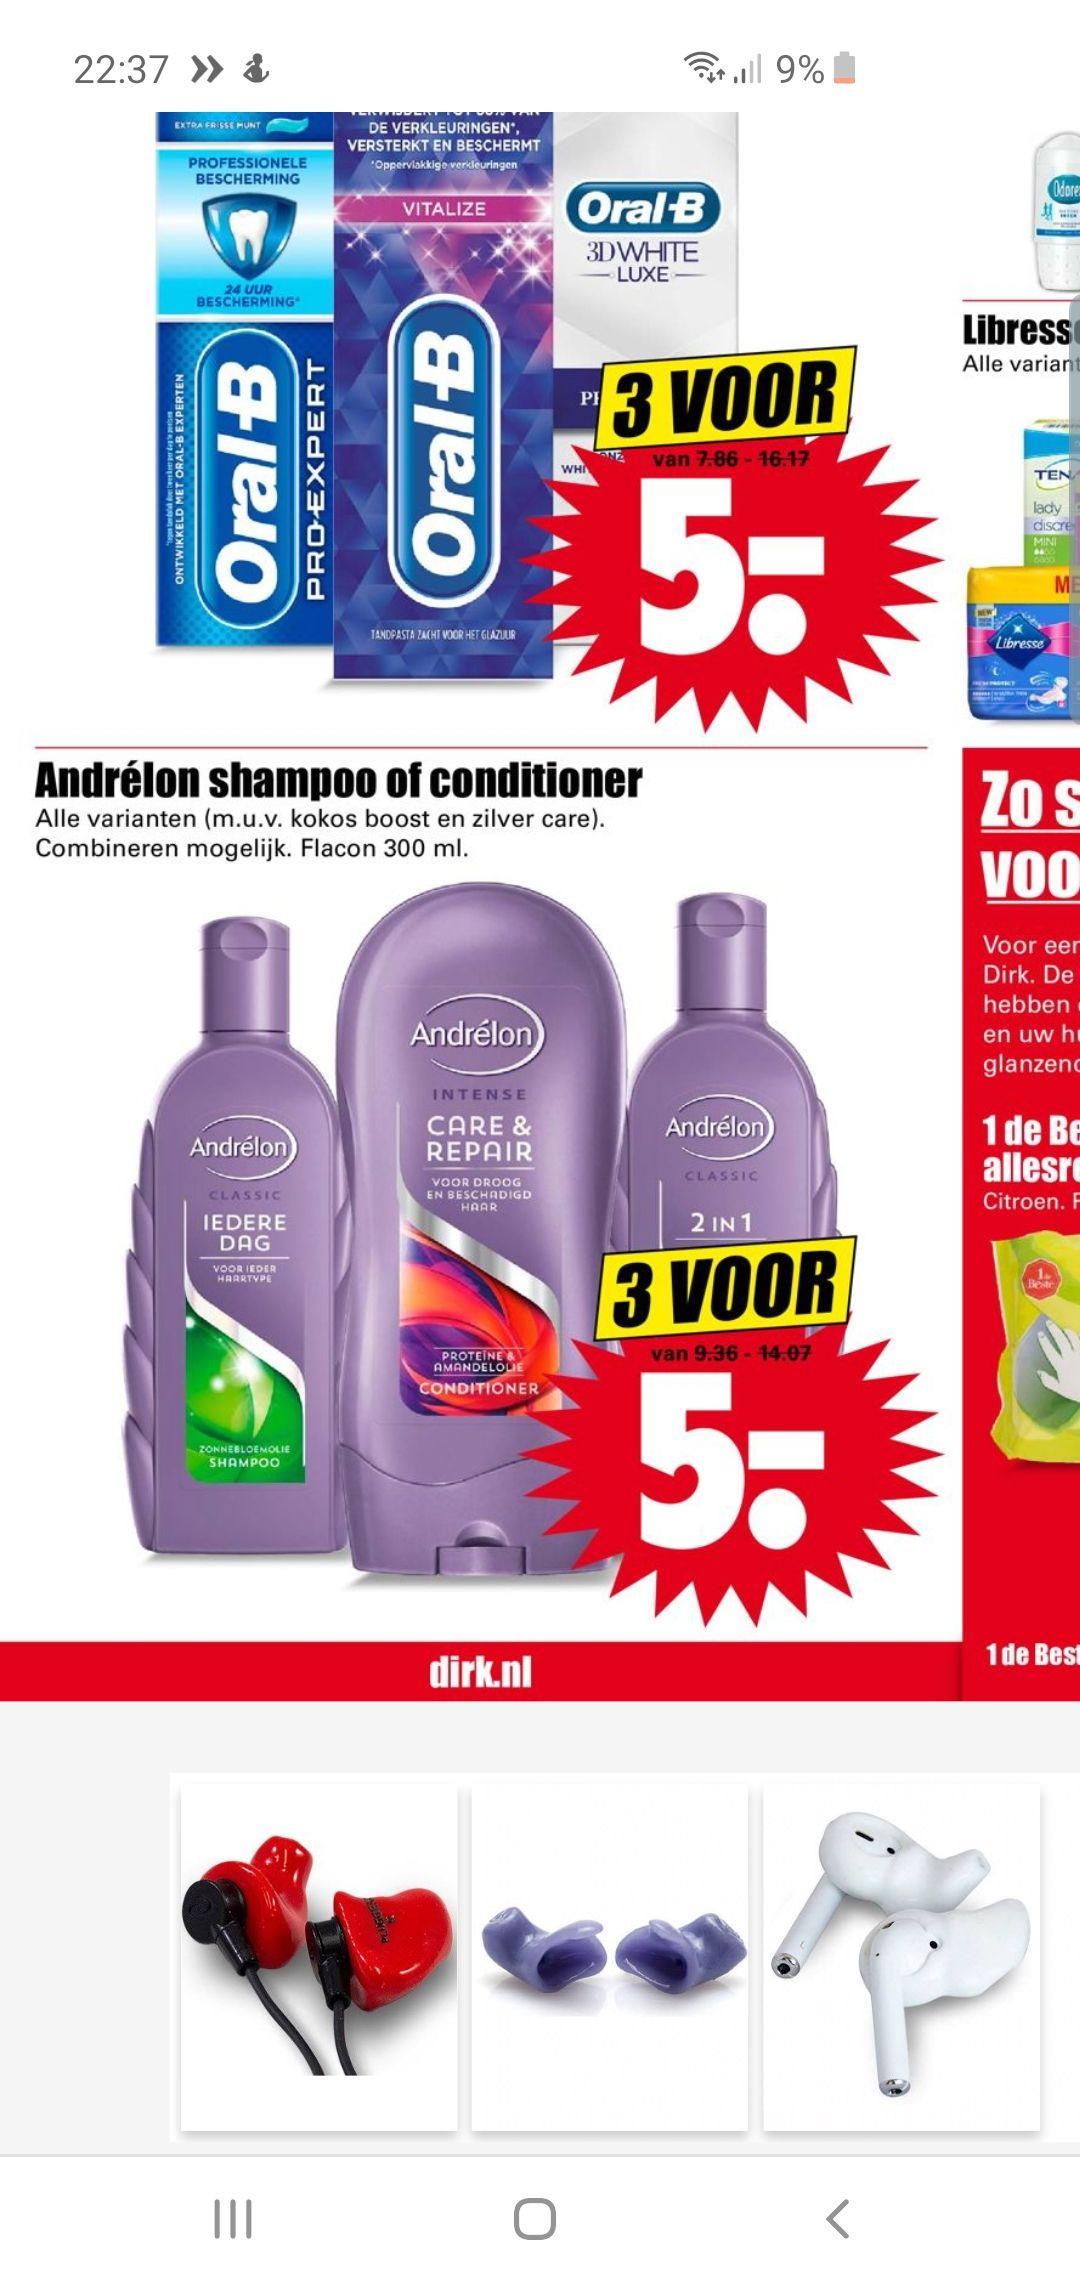 Dirk: 5 euro voor 3 Andrélon shampoo of conditioner